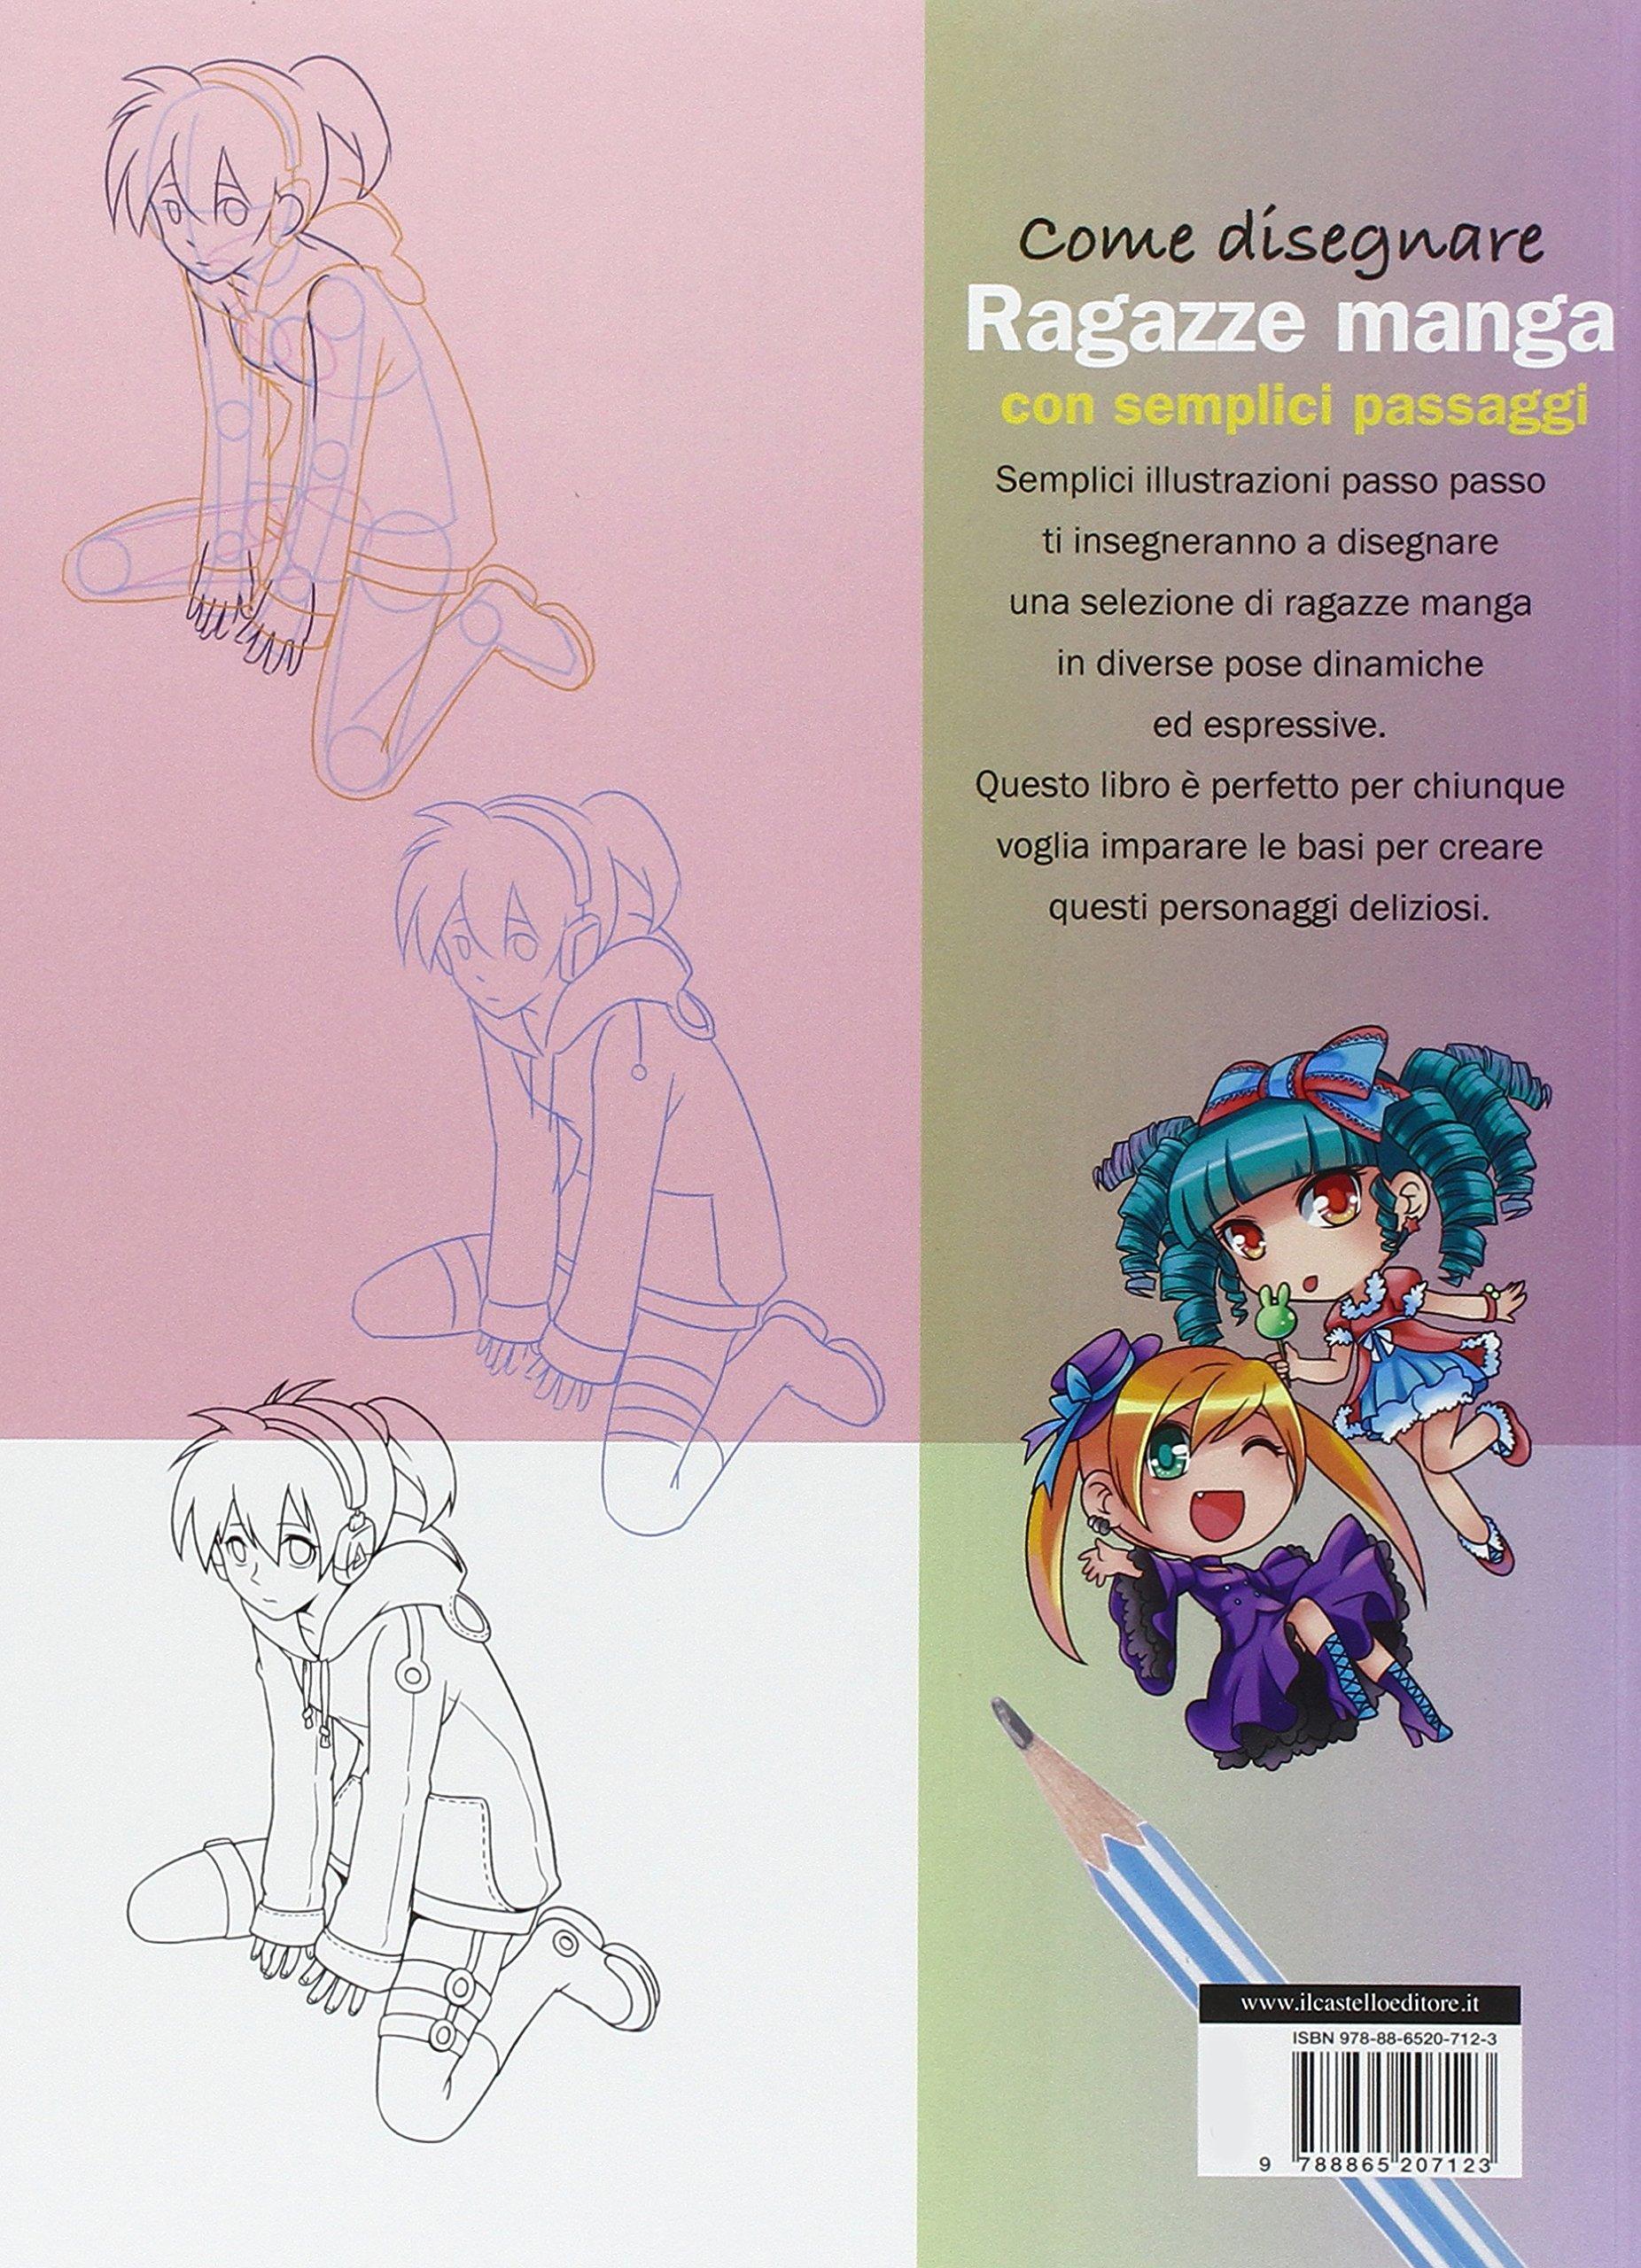 Manga Ragazze Disegnare Li Con itCome Passaggi Semplici Amazon WBerxQdCo